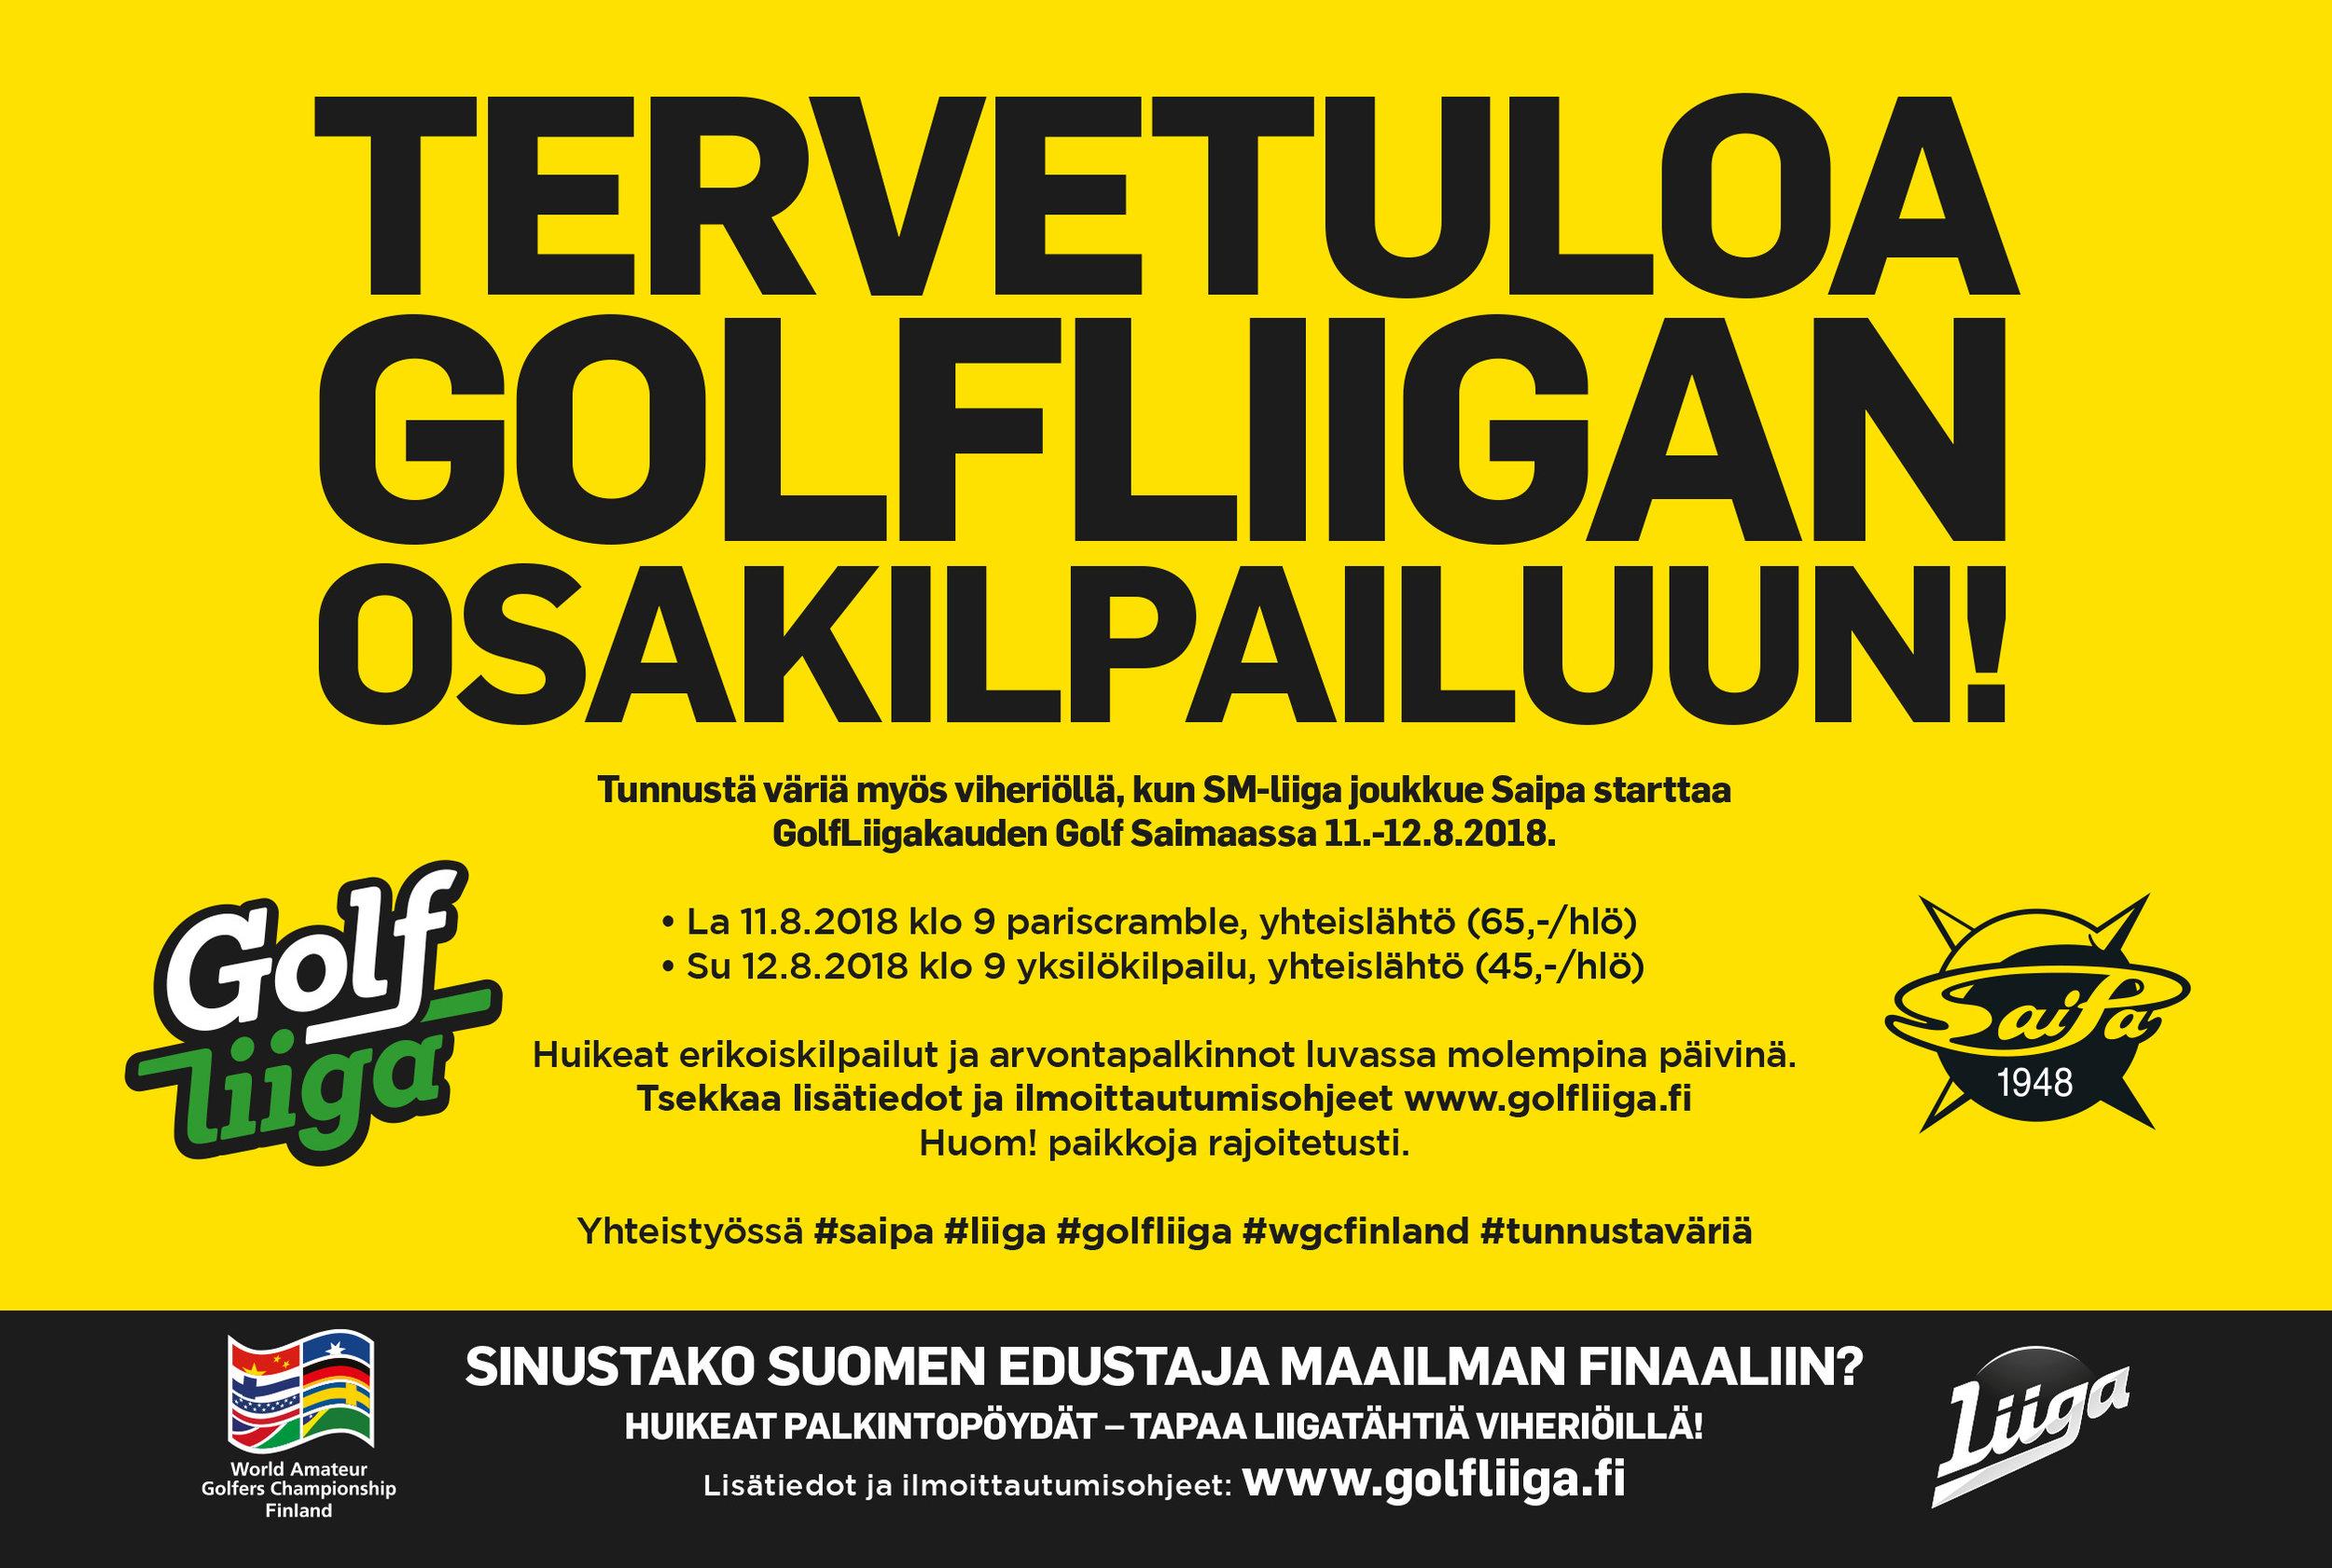 GolfLiiga_kutsut_Saipa.jpg